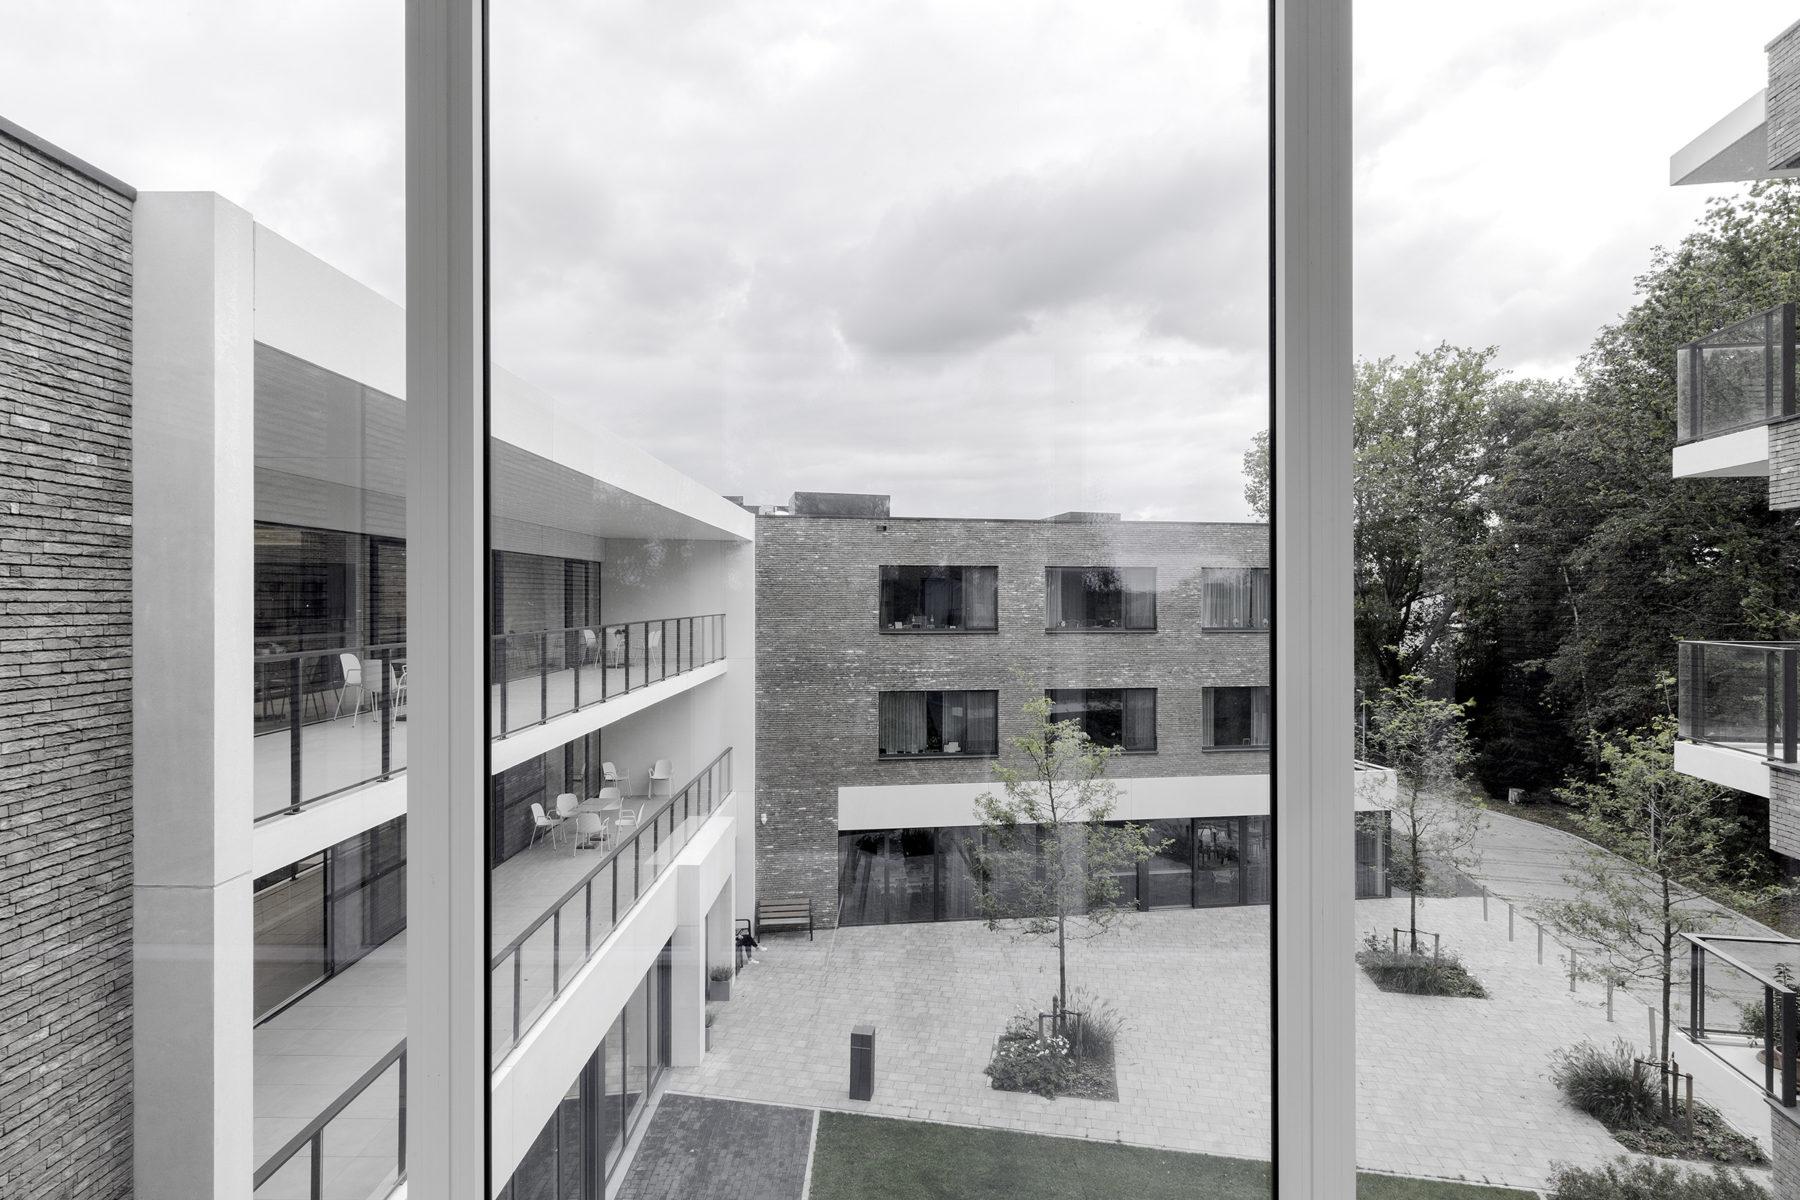 Ibens_Het Hof Sint-Niklaas_055